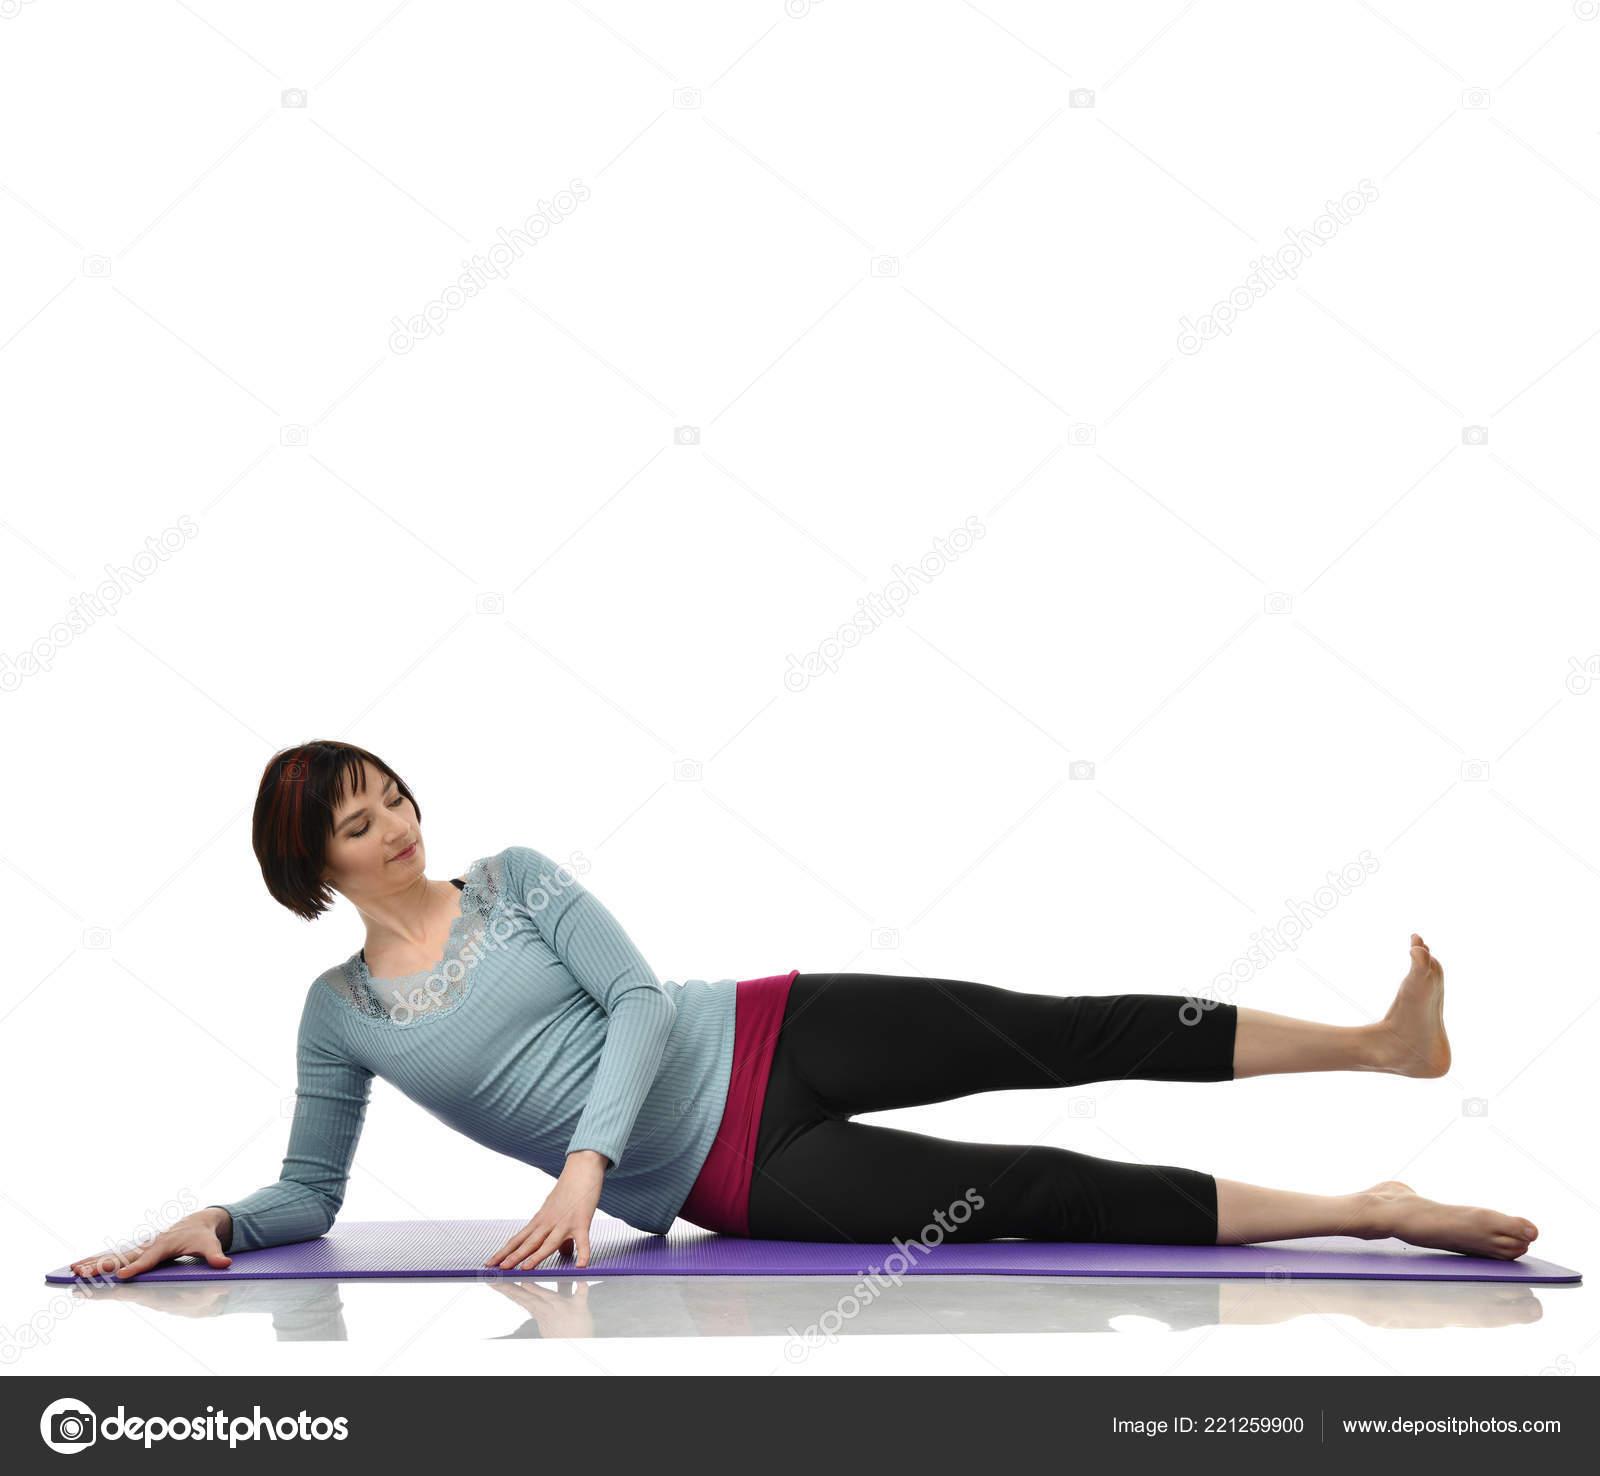 Instructor de fitness femenino haciendo estiramientos manos piernas  abdominales barra ejercicio en gimnasio trabajar aislados en fondo blanco. d1ab27e361f3